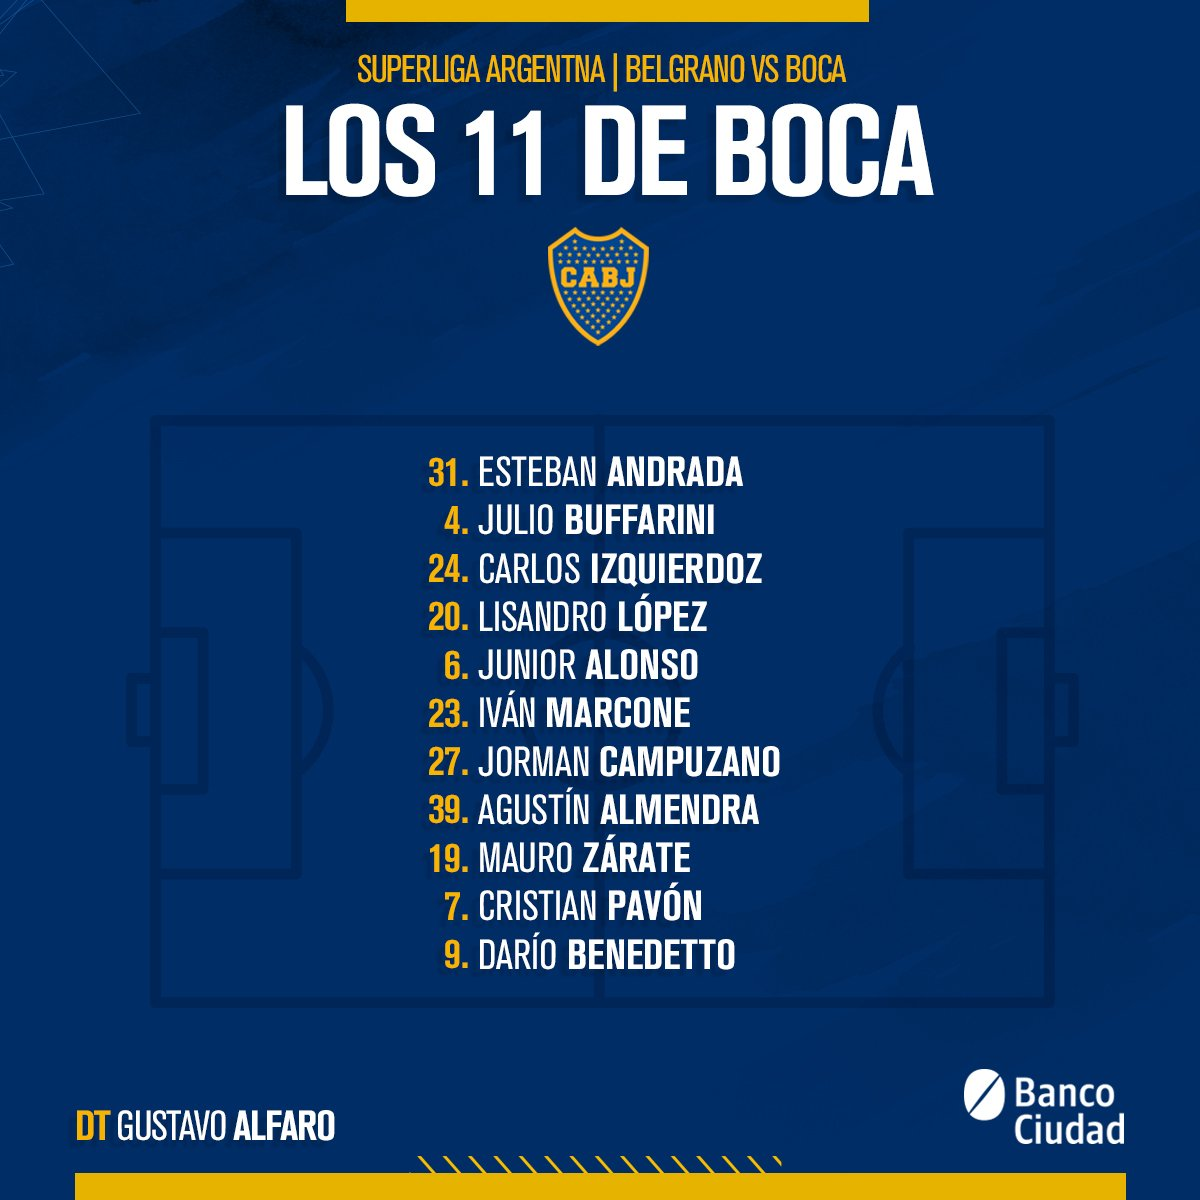 Boca Jrs. Oficial's photo on Andrada